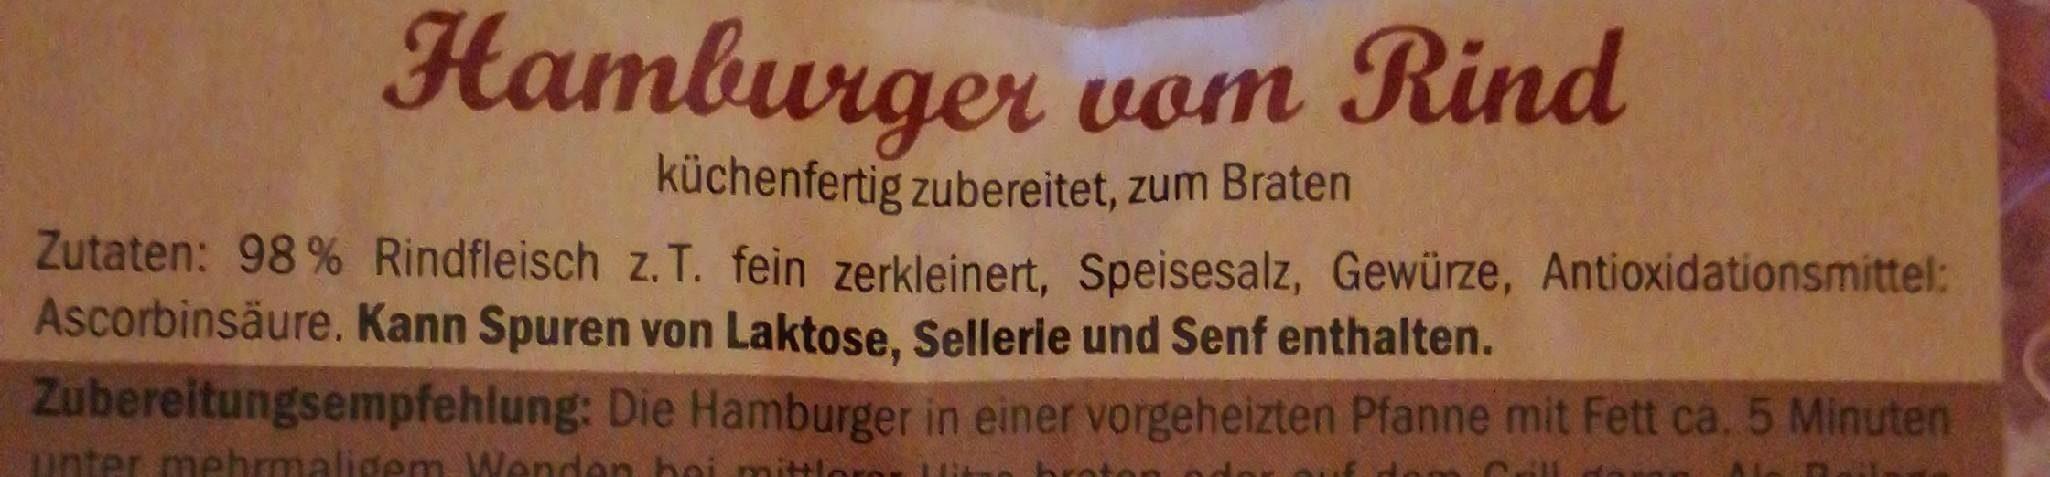 Hamburger vom Rind - Inhaltsstoffe